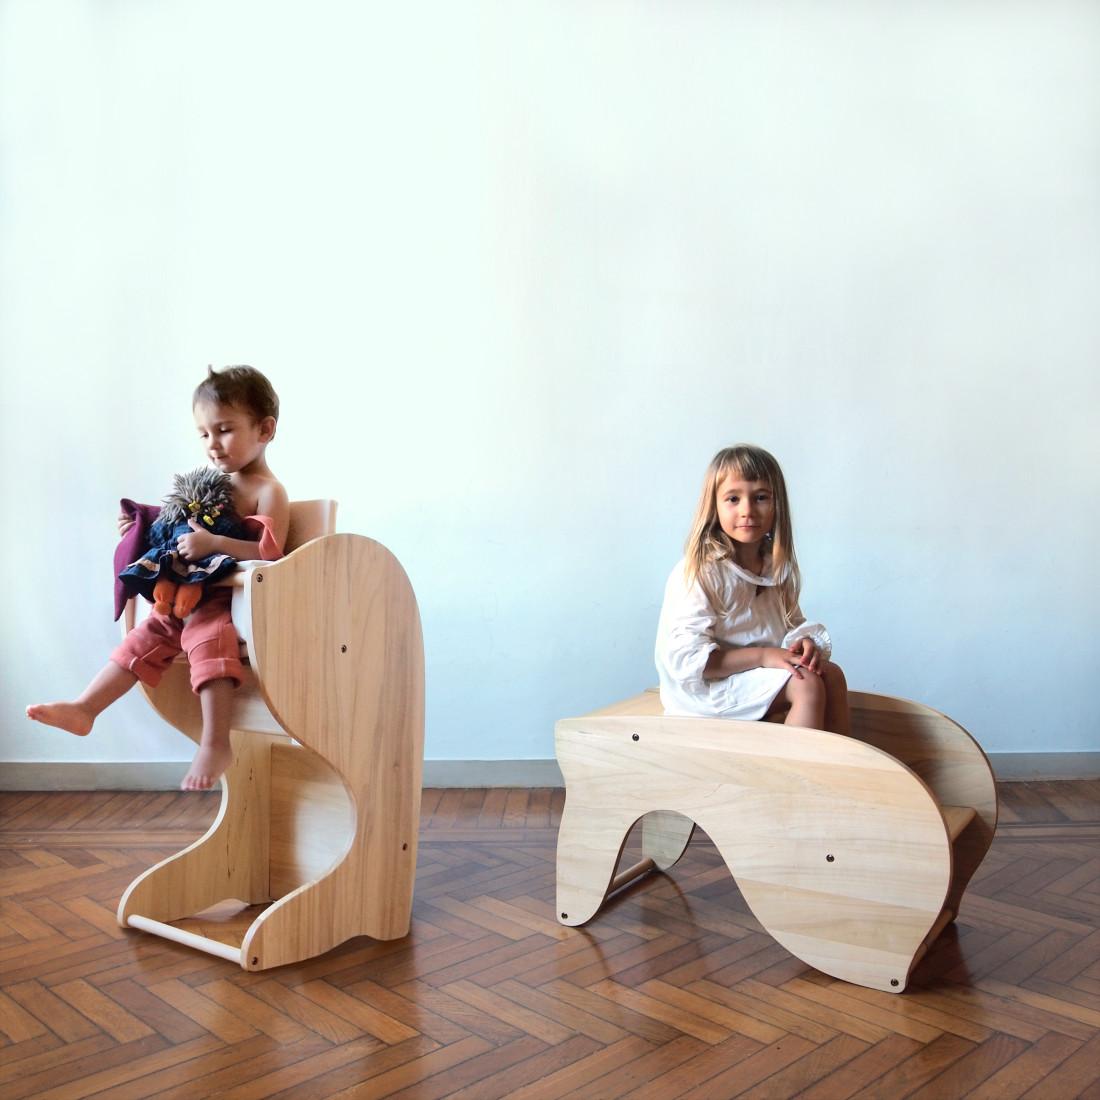 design autoprodotto per bambini